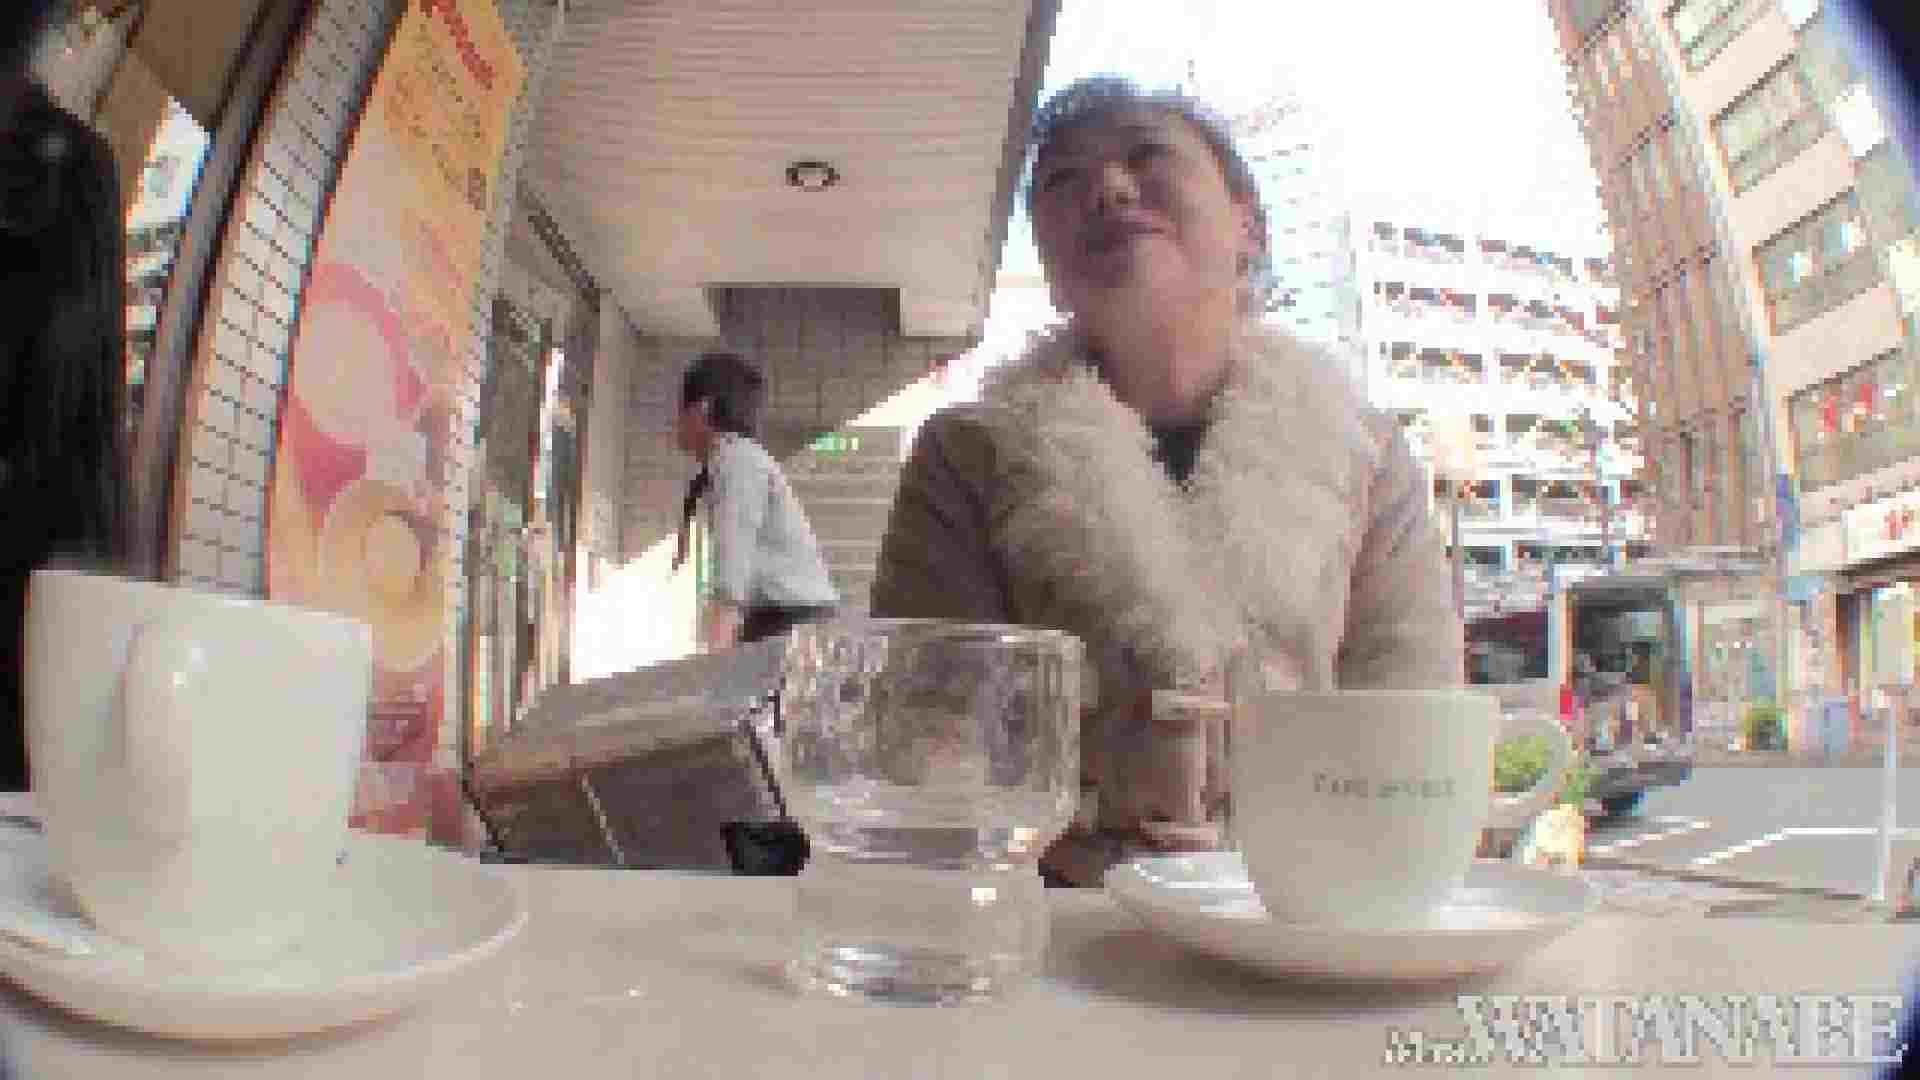 撮影スタッフを誘惑する痴熟女 かおり40歳 Vol.01 OLのエッチ オマンコ動画キャプチャ 73pic 10